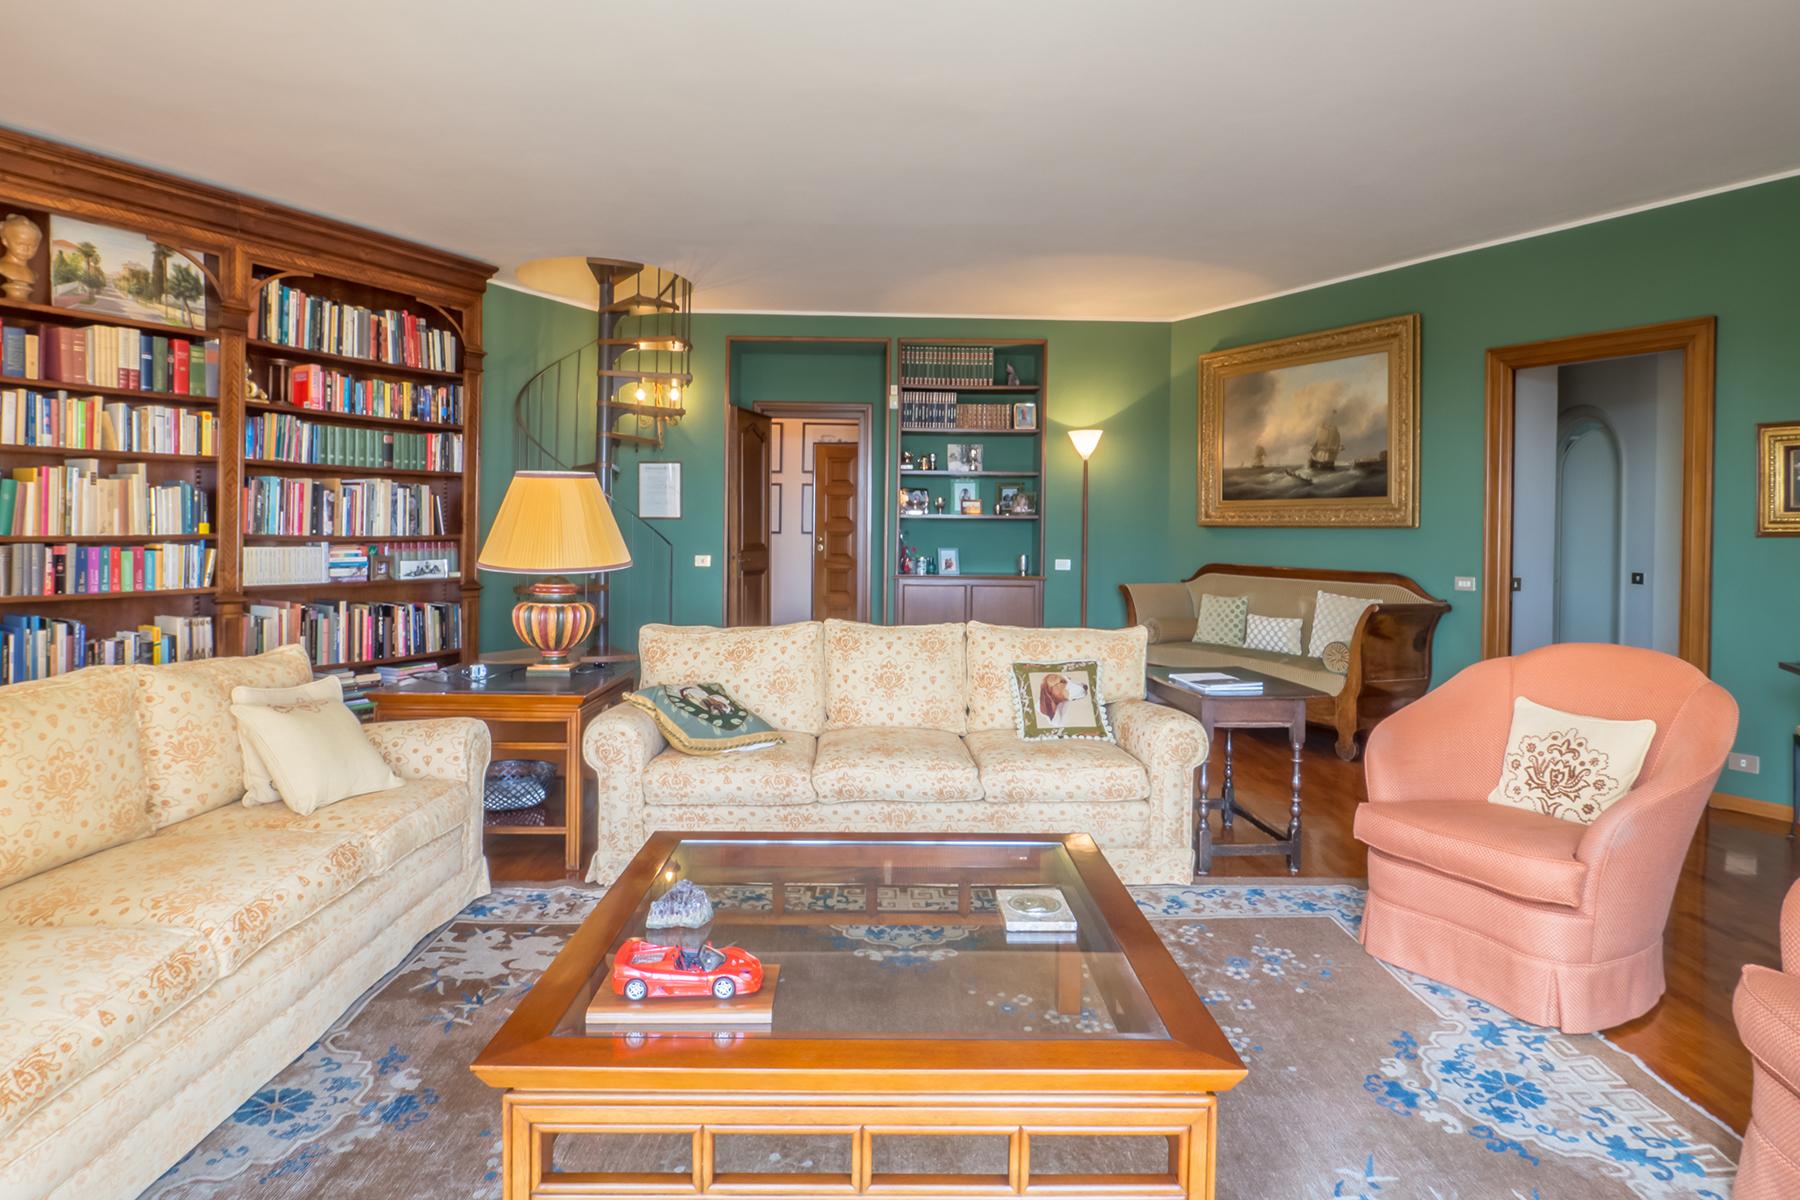 Appartamento in Vendita a Biella: 5 locali, 422 mq - Foto 6